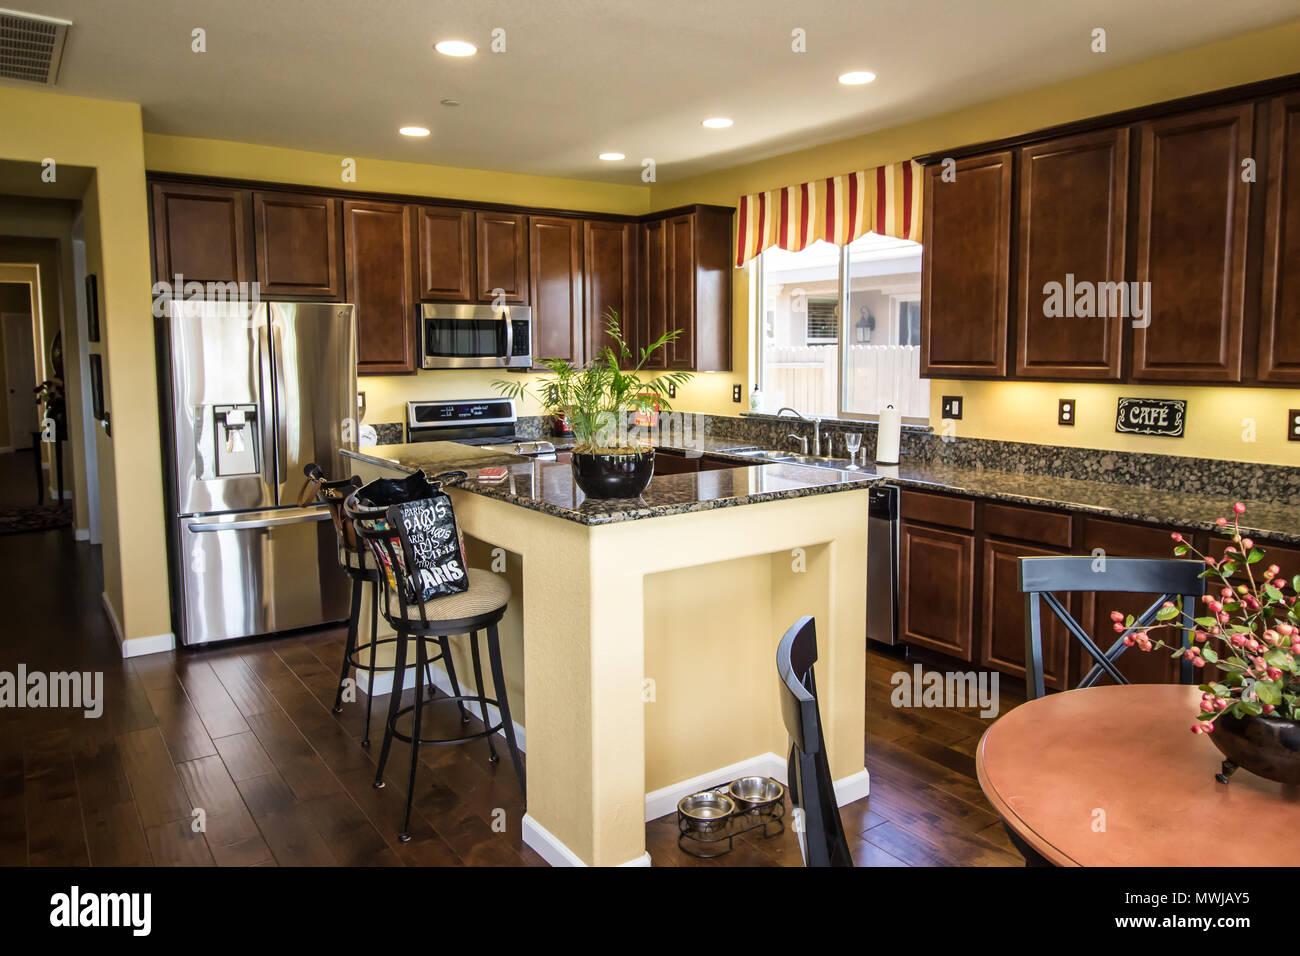 Granit Küche   Moderne Aus Granit Kuche Mit Insel Bar Stockfoto Bild 187873817